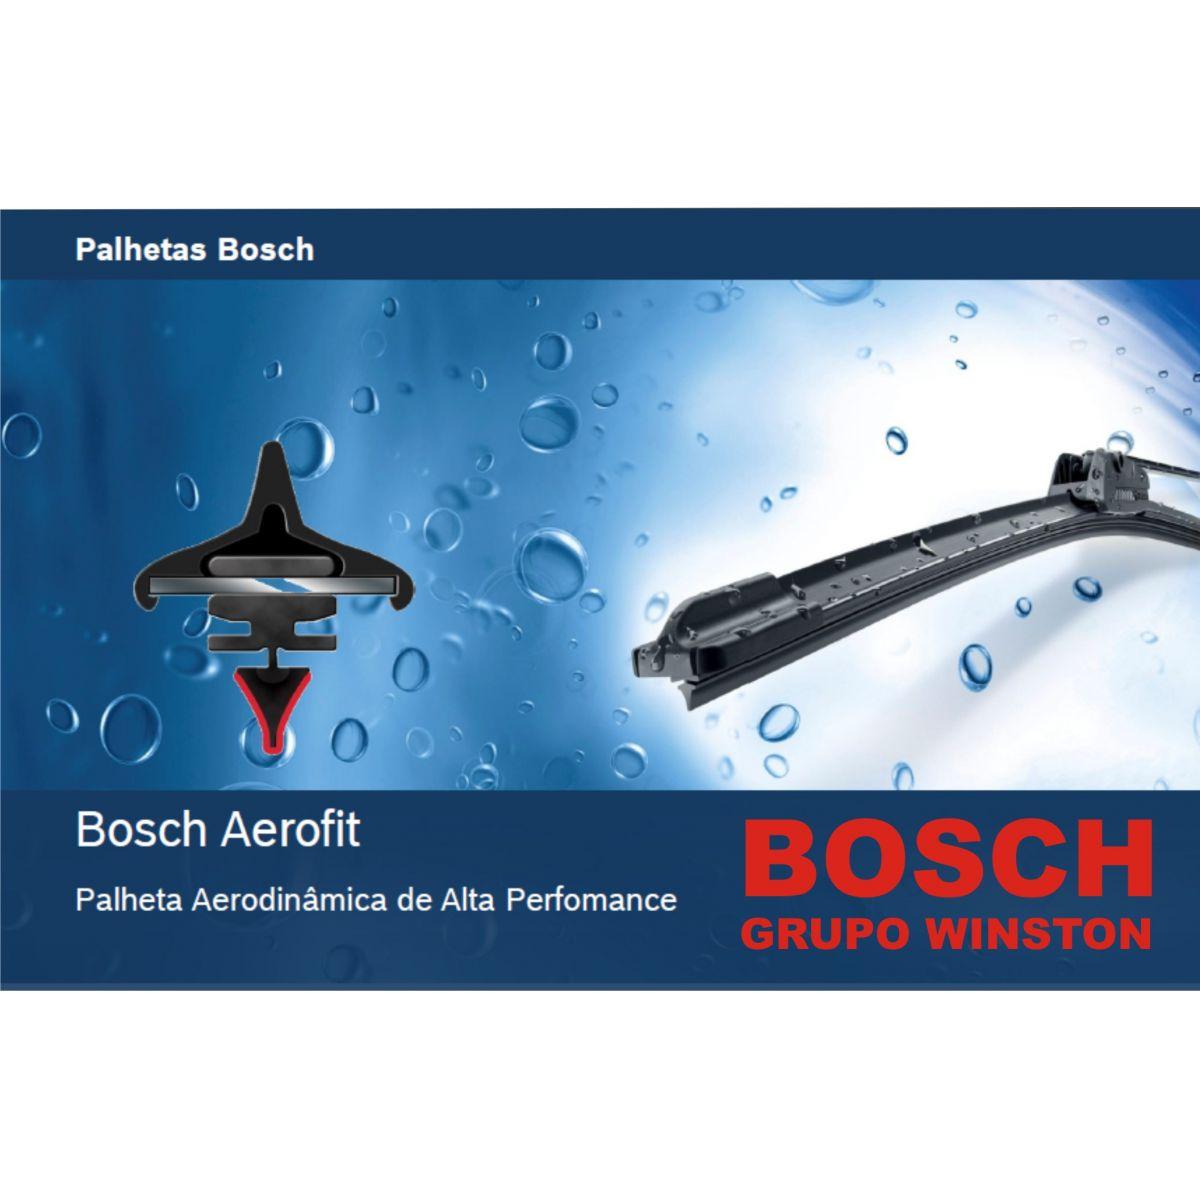 Palheta Bosch Aerofit Limpador de para brisa Bosch HONDA Civic Legend Prelude